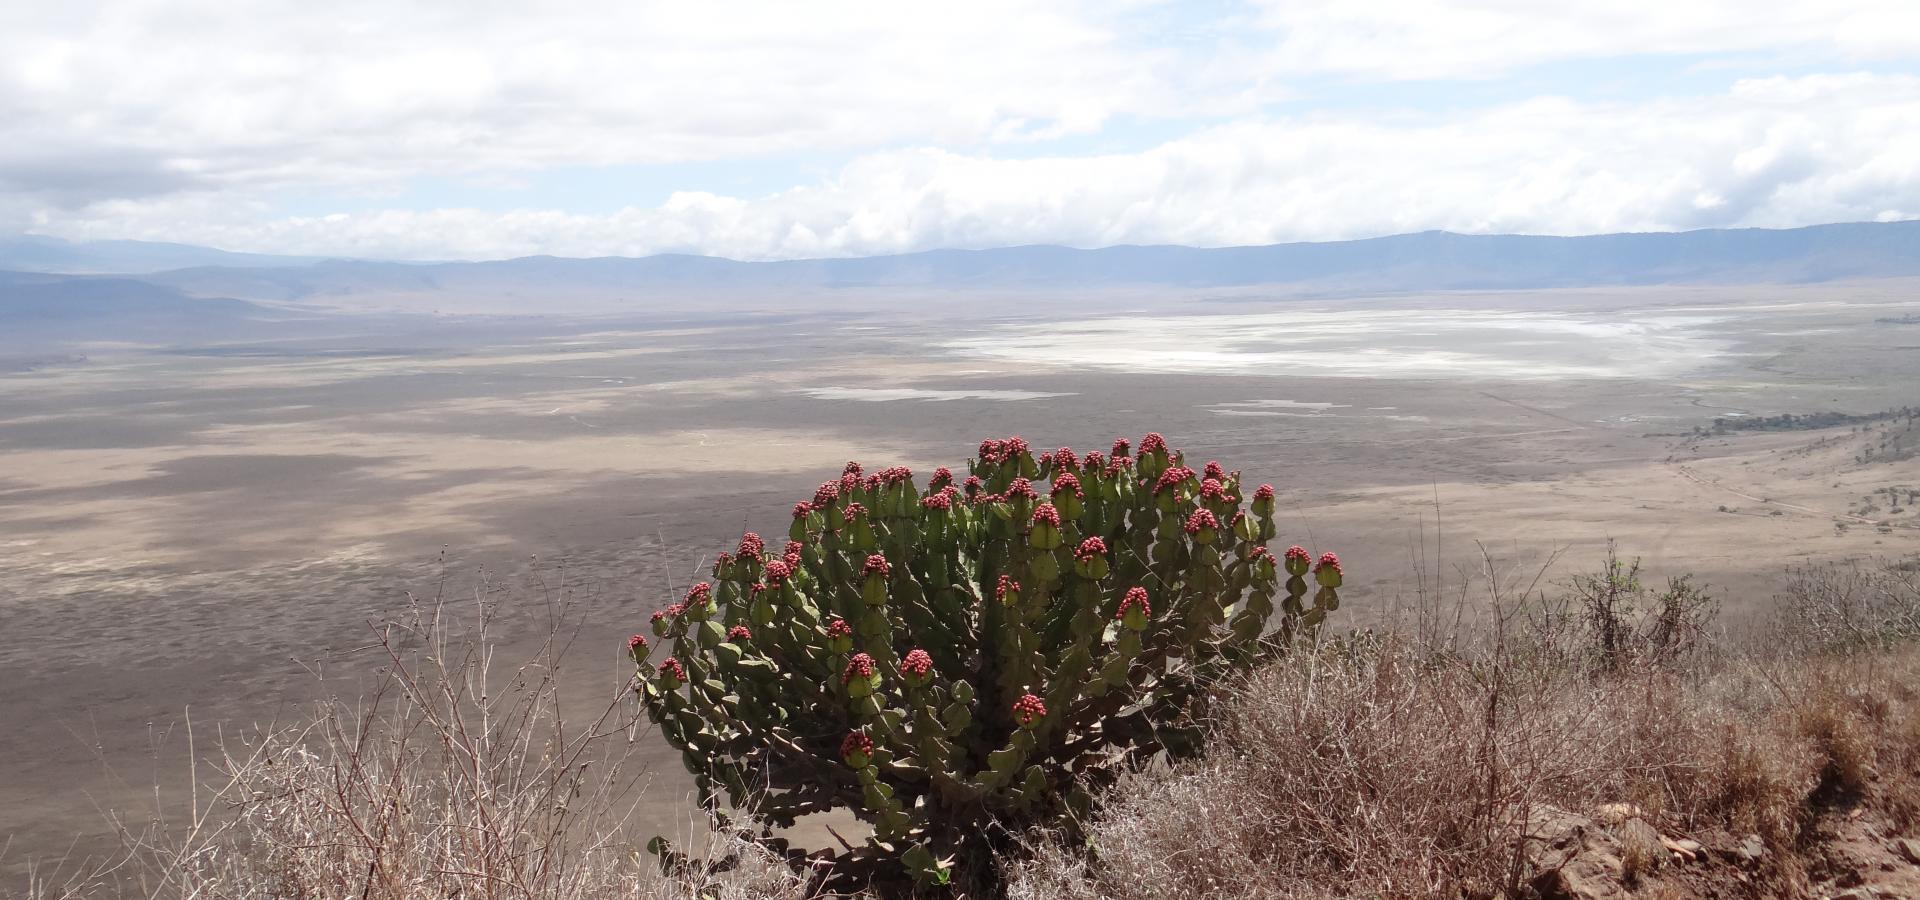 Die landschaftlich facettenreiche Region des Ngorongoro Kraters stellt den Lebensraum zahlreicher Wildtiere dar